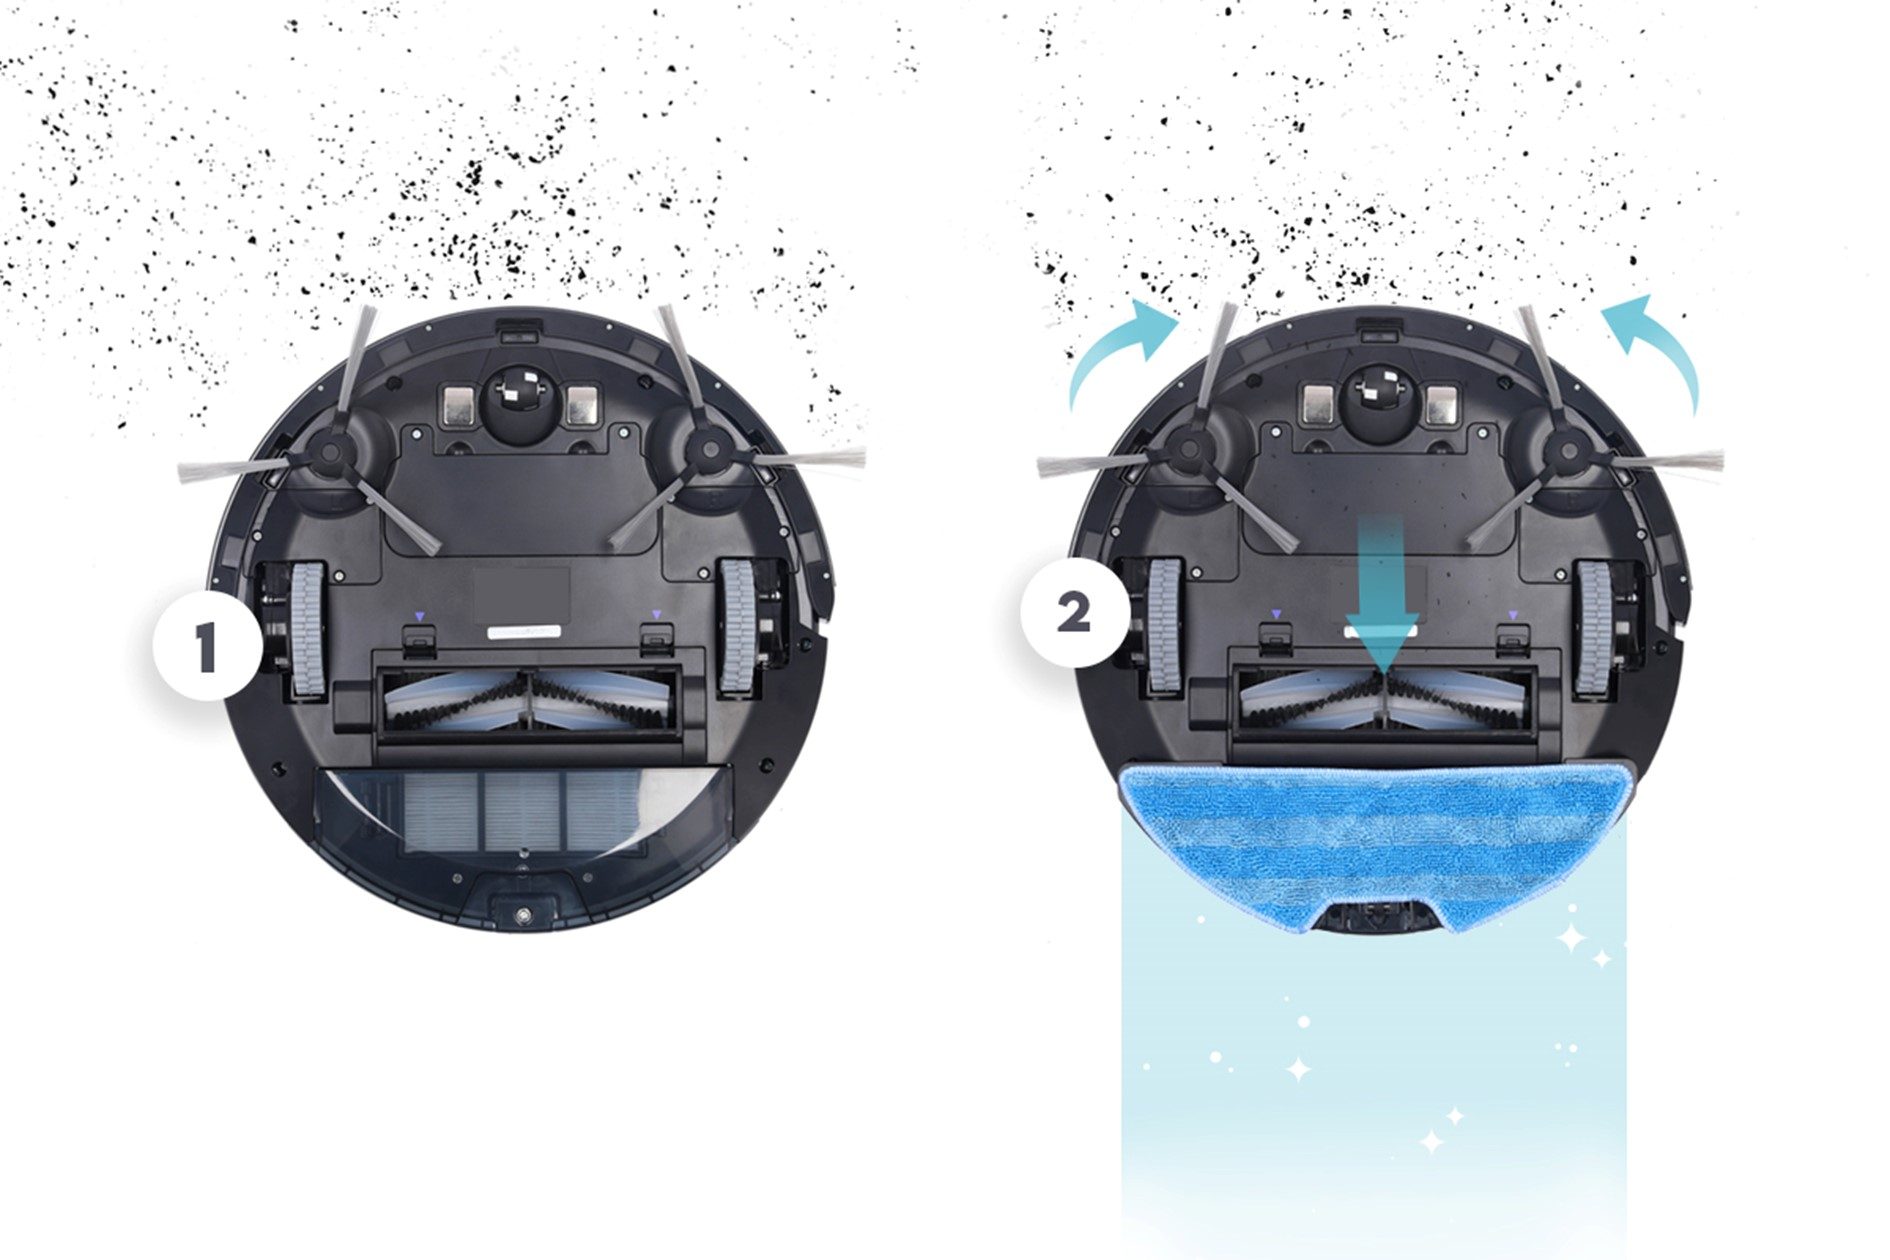 aspirateur robot AMIBOT SPIRIT Ice Laser avec et sans mop de nettoyage